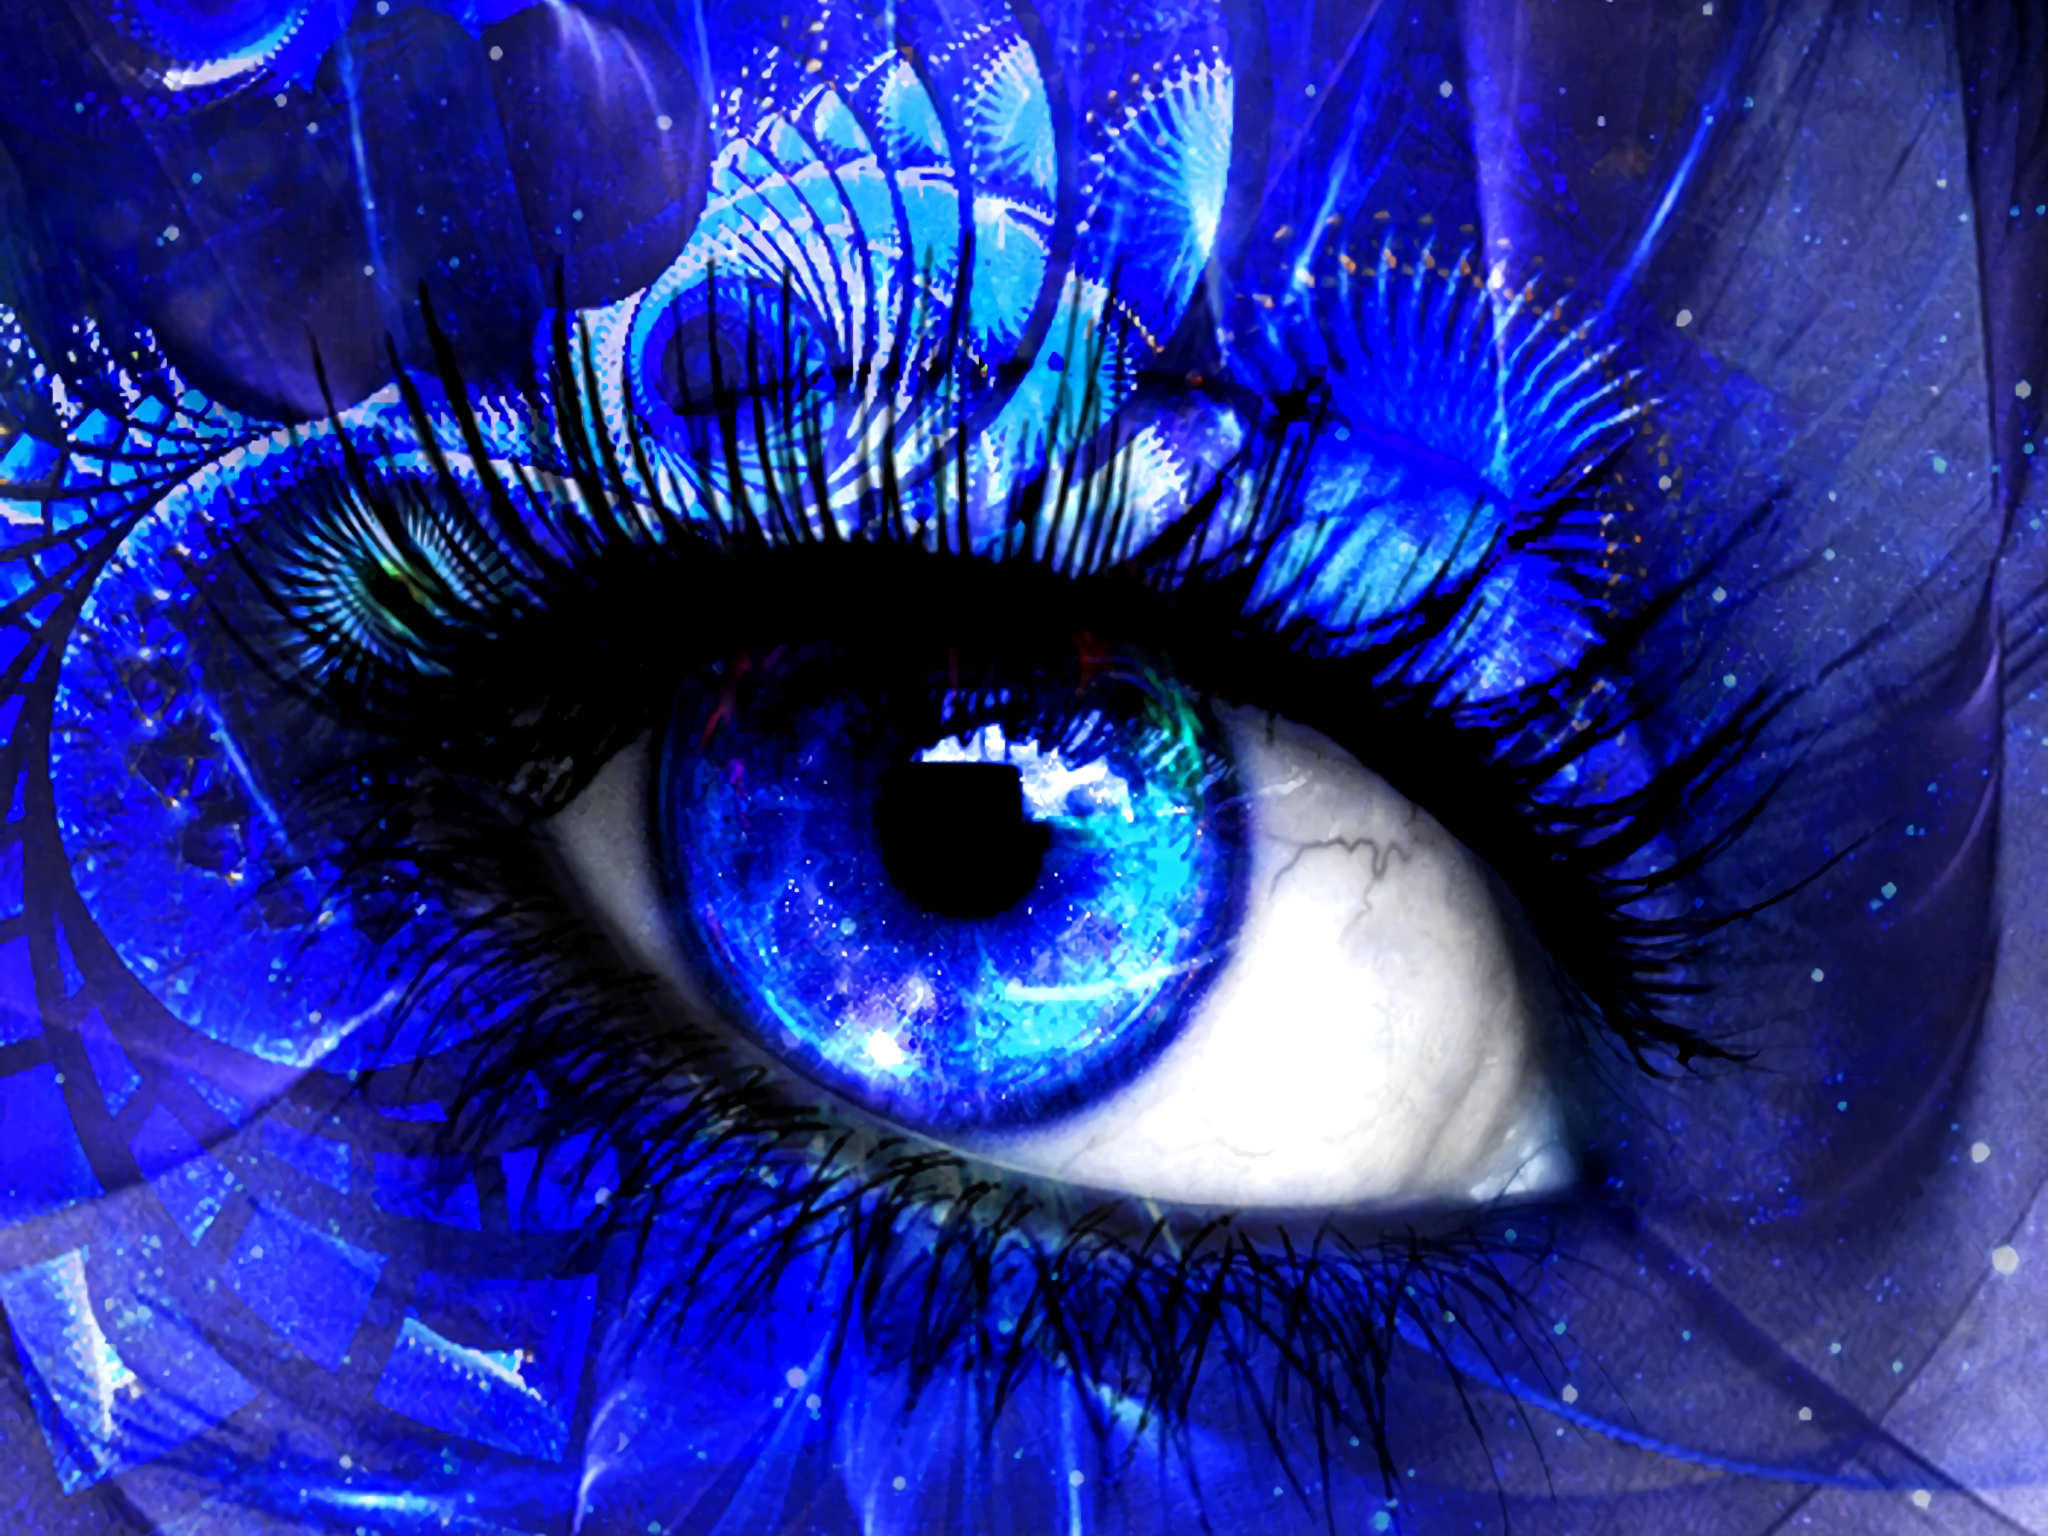 Artistic Eye Blue Makeup Wallpaper Resolution 2048x1536 Id 157694 Wallha Com